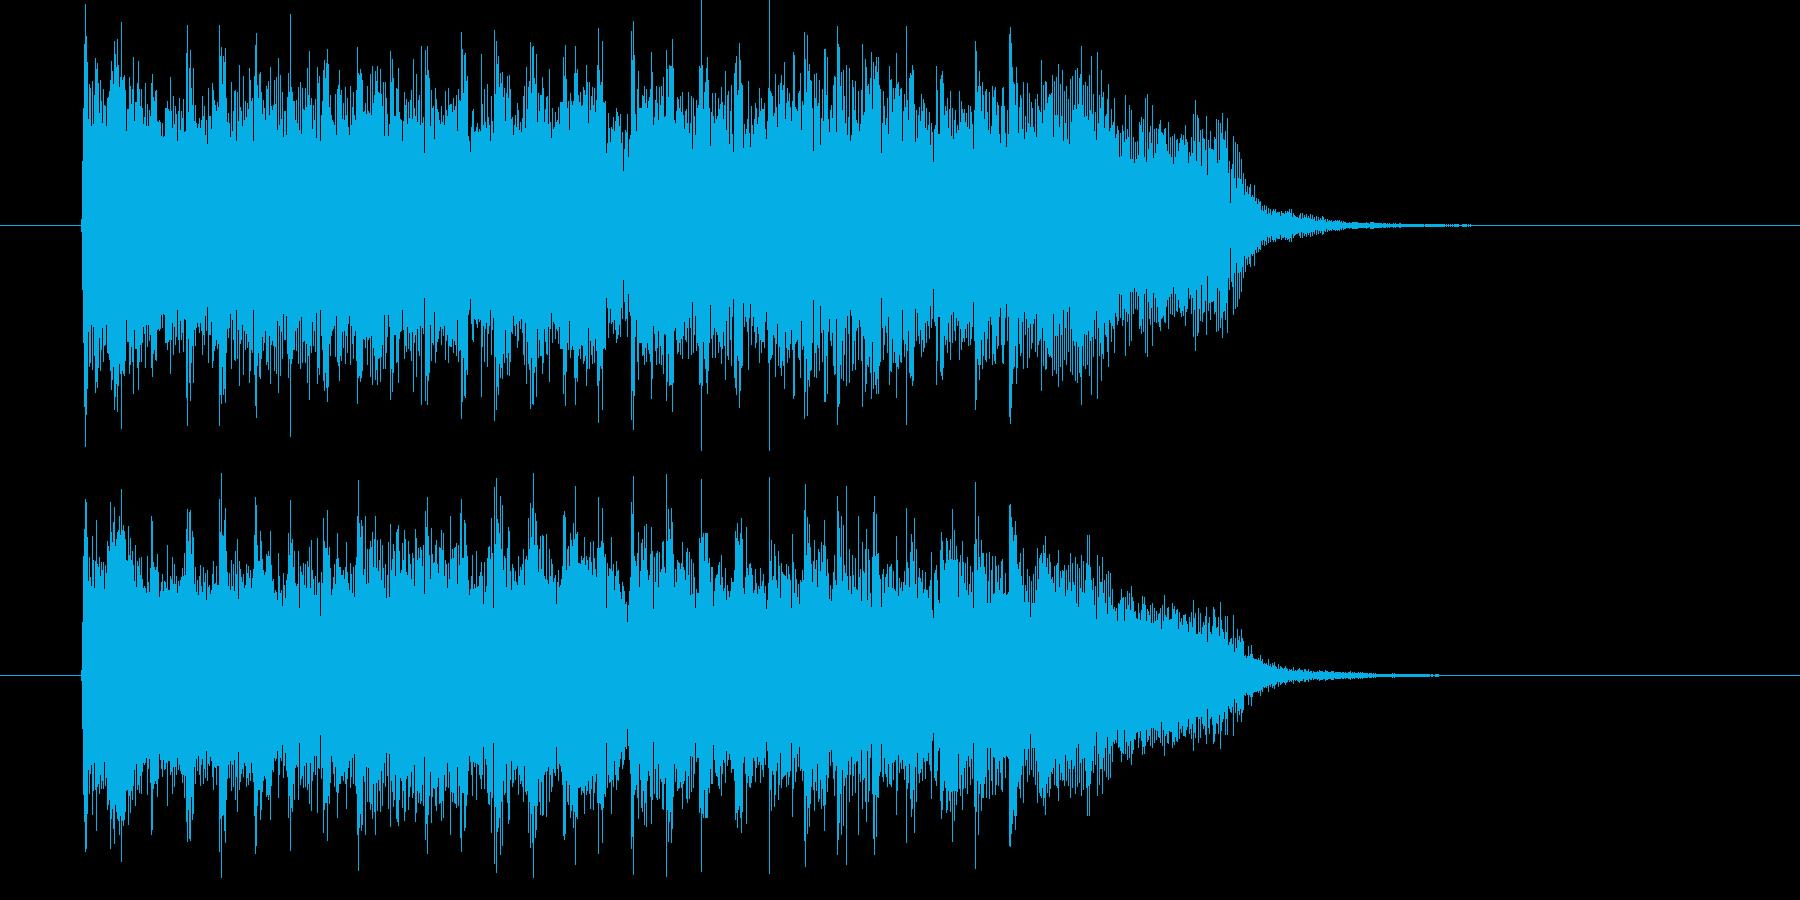 イケイケのロックな10秒ジングルの再生済みの波形